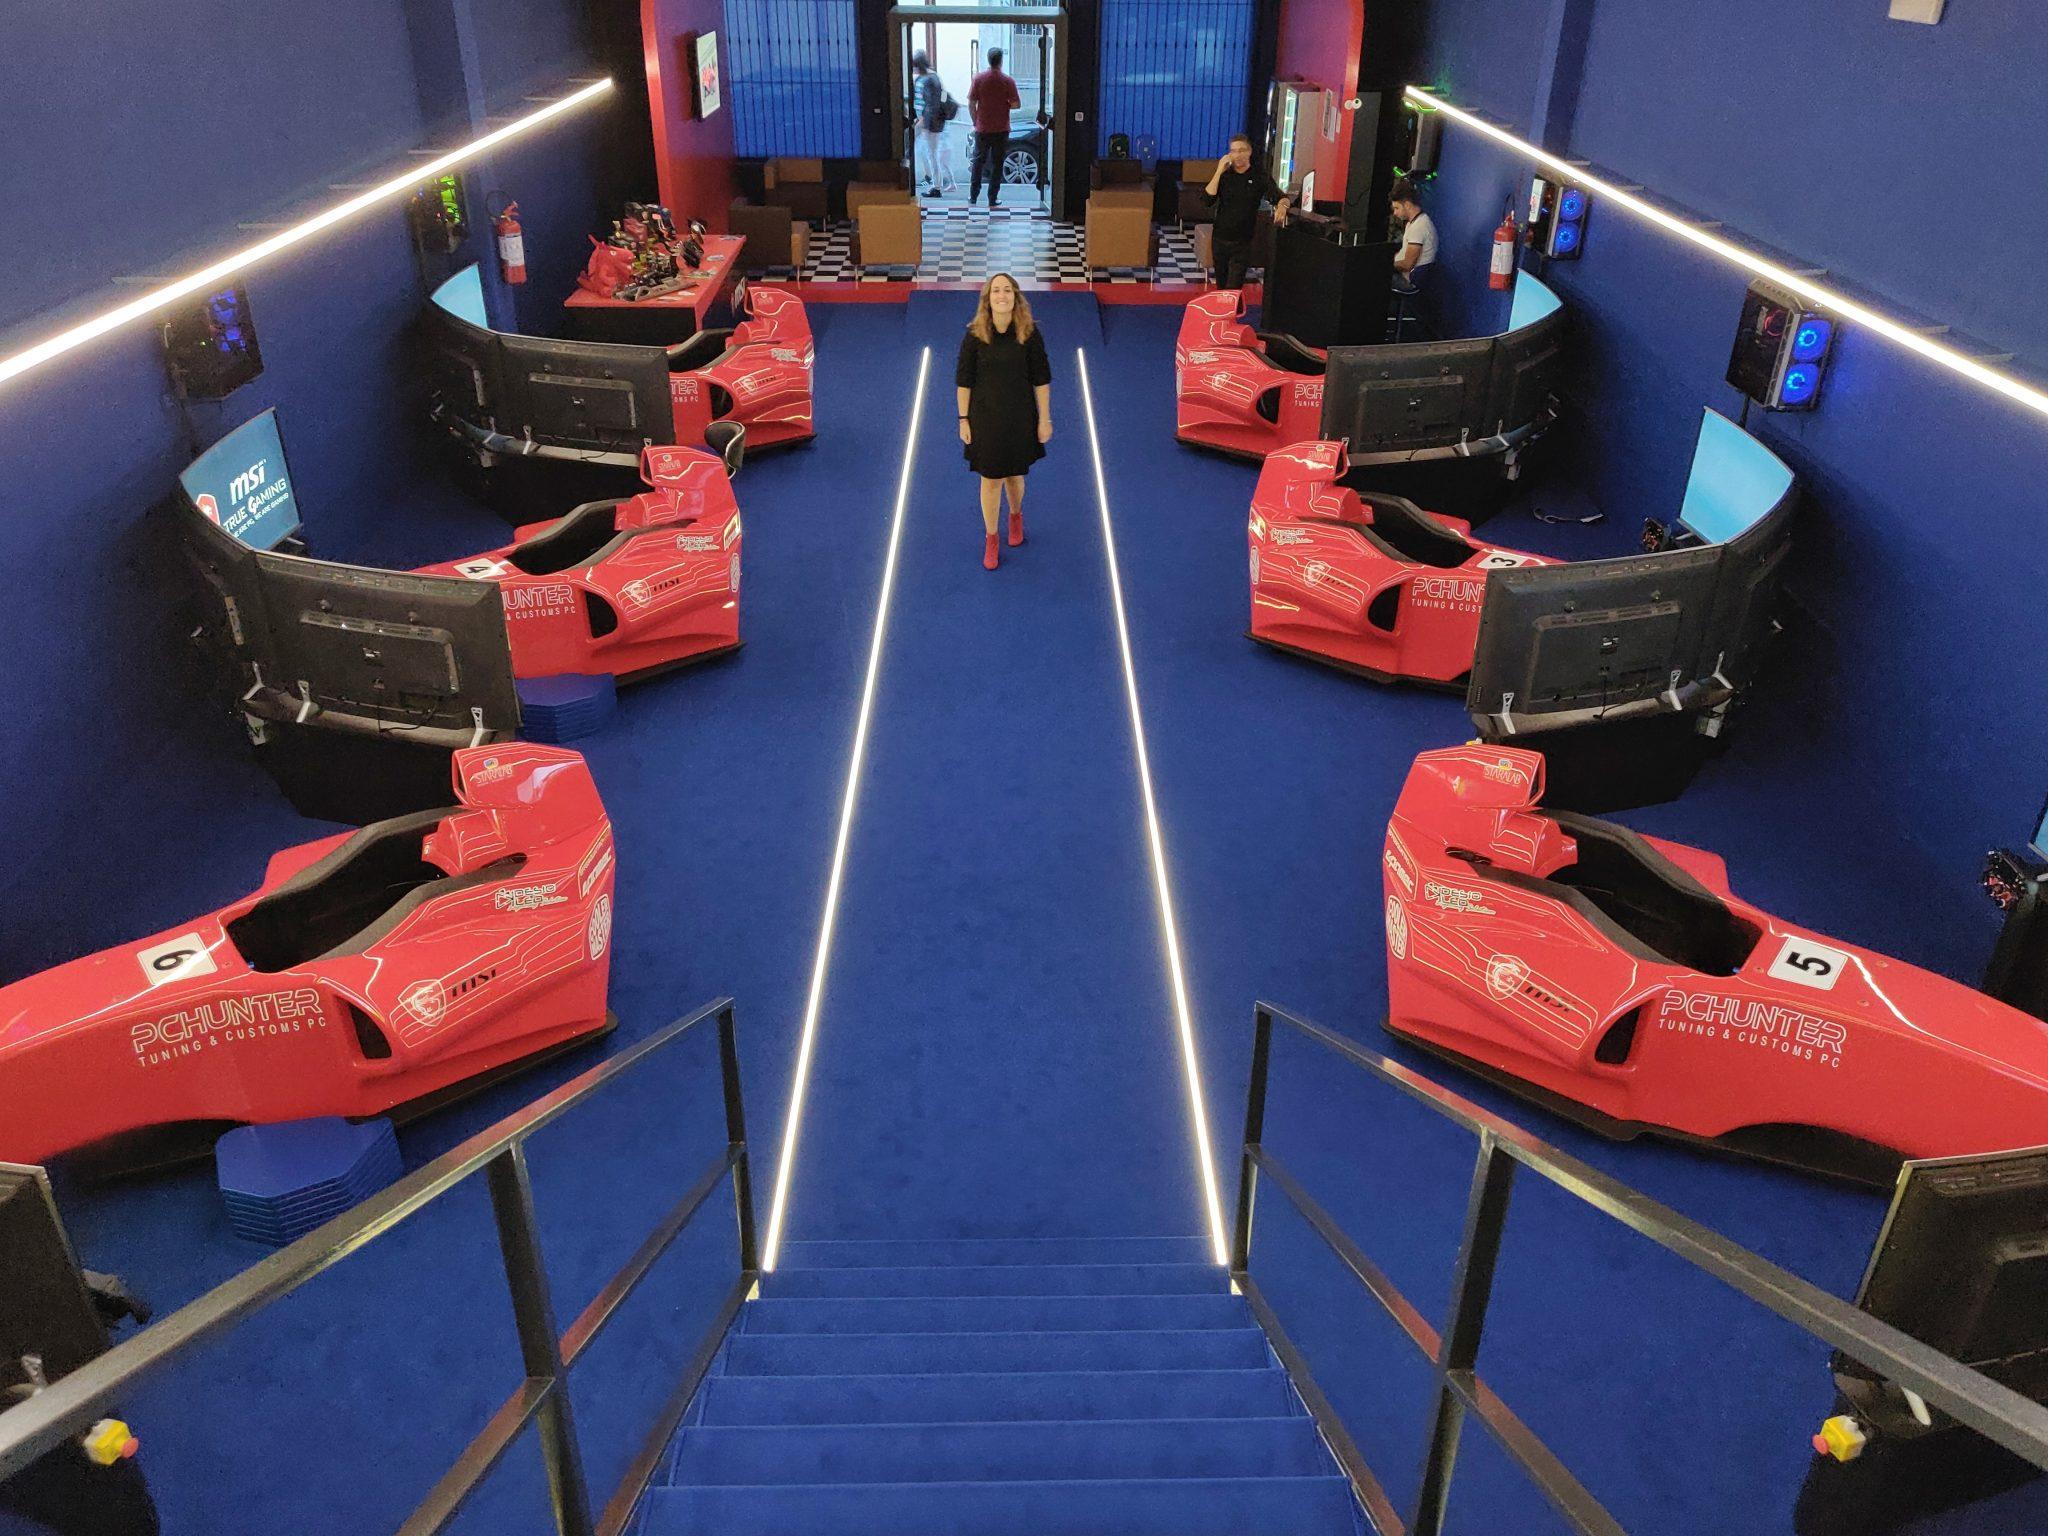 mcsim simulatore virtuale realtà f1 formula uno corsa pilota monza circuito benessere tecnologico laura fasano